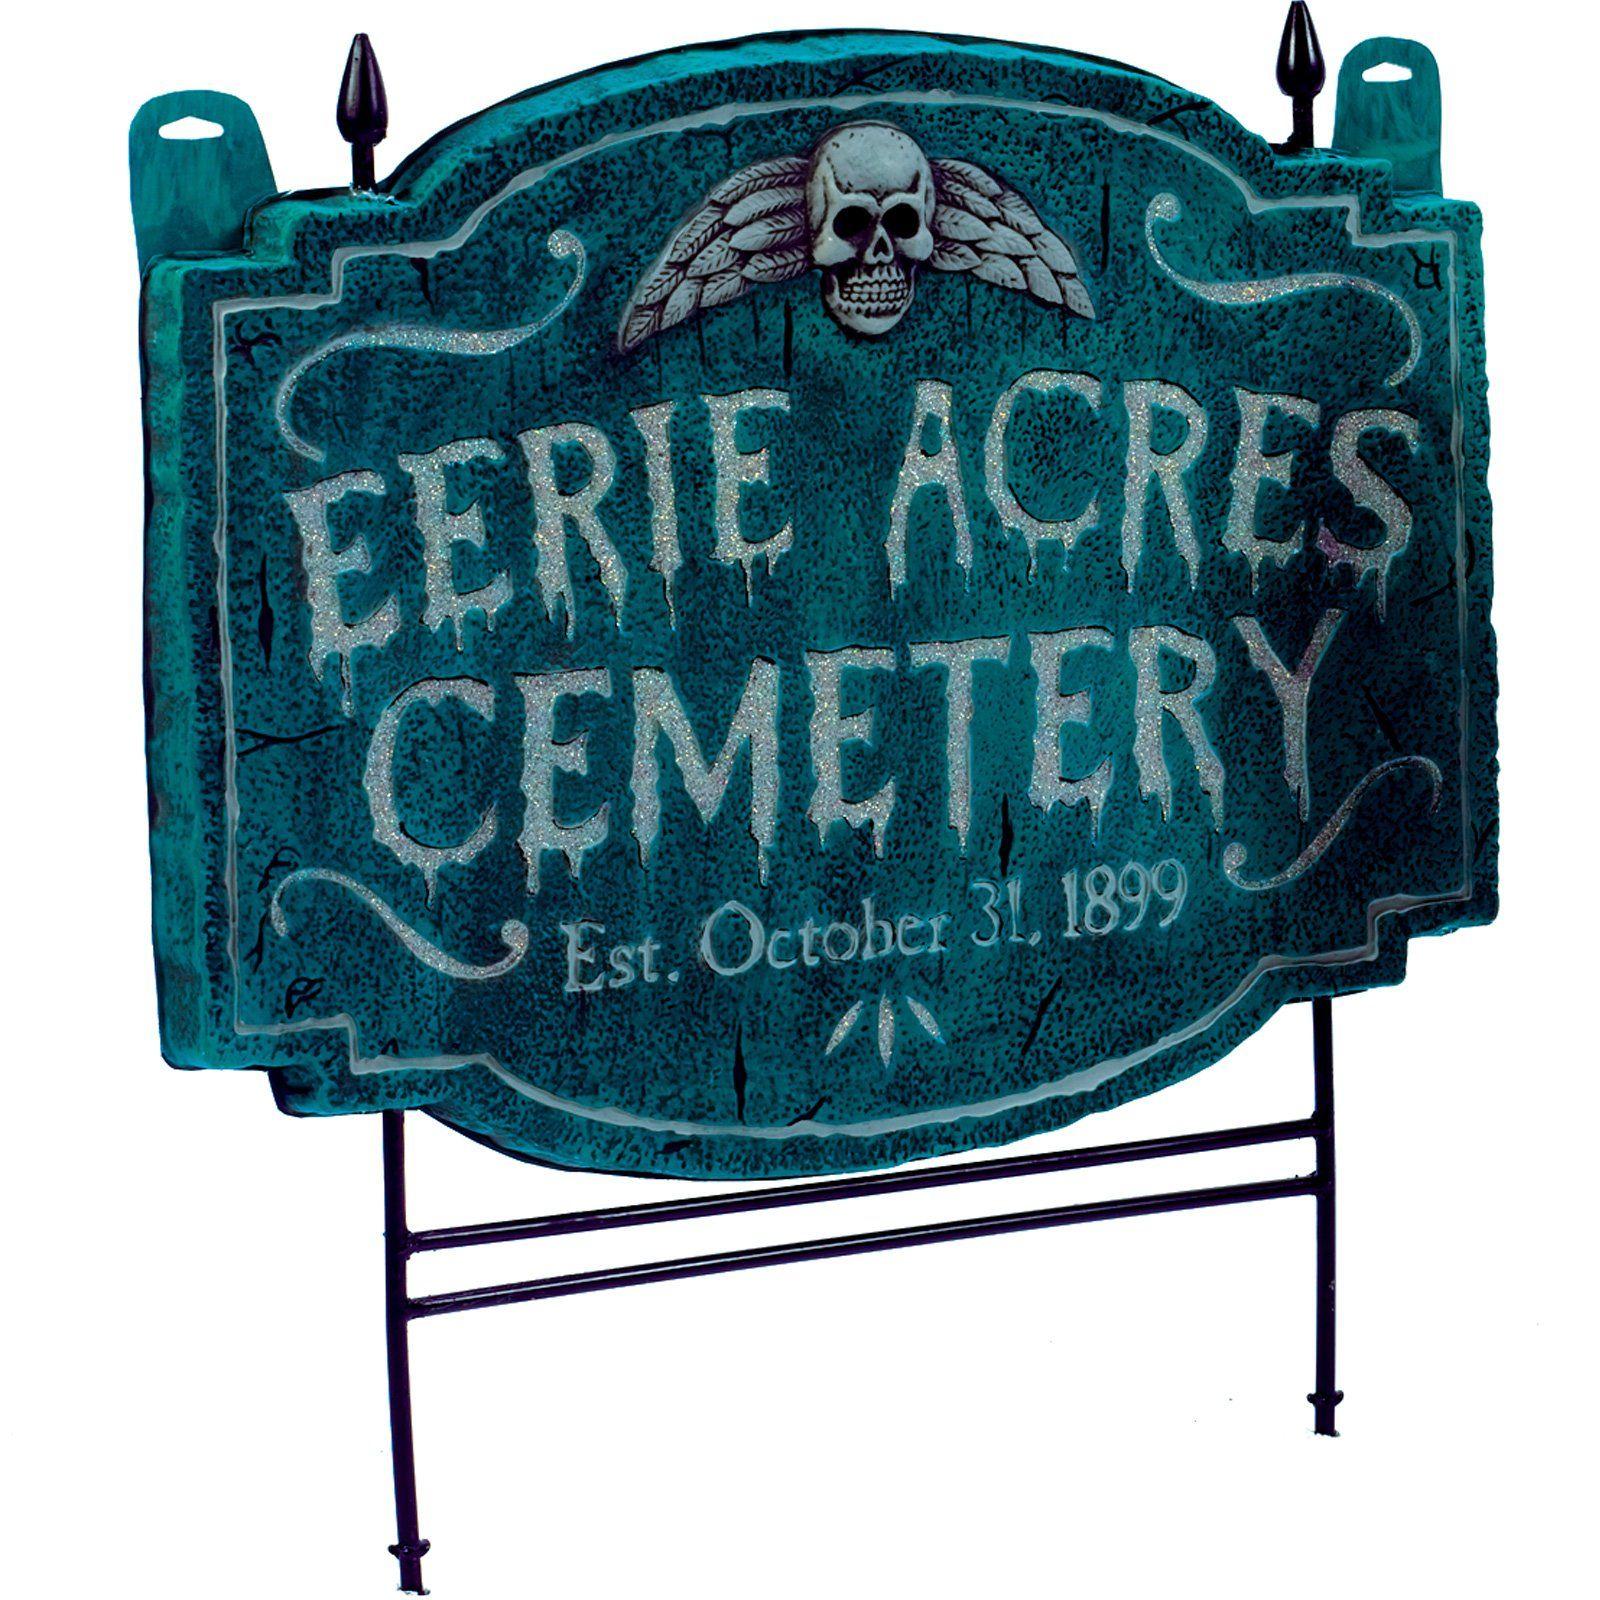 Eerie acres cemetery Halloween sign